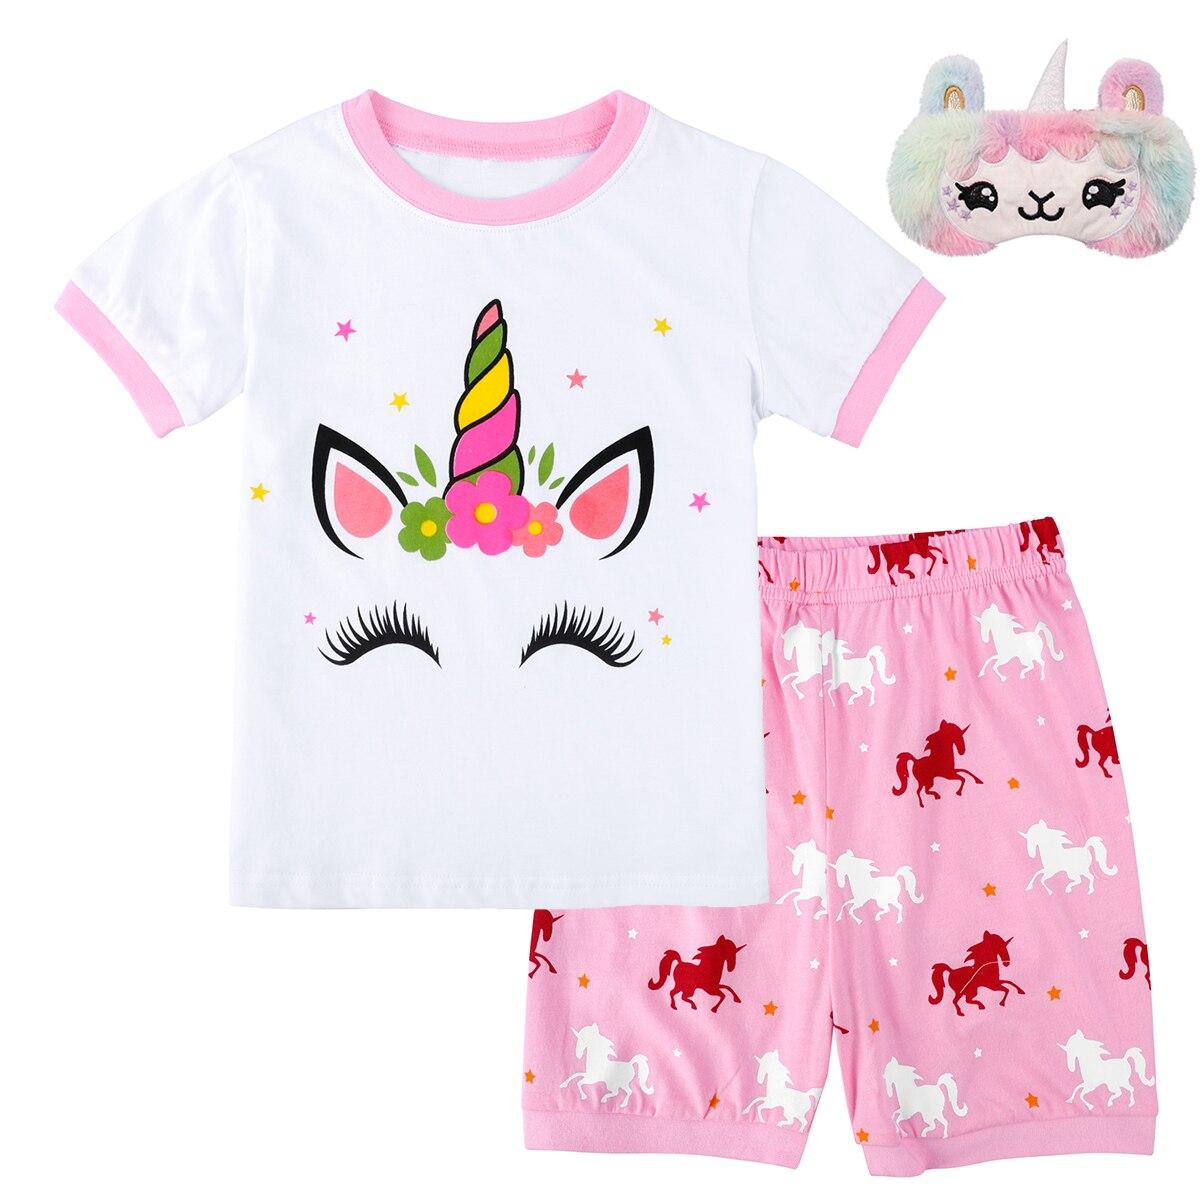 Пижамный комплект с единорогом для девочек, летняя повседневная Милая одежда для сна, хлопковая ночная рубашка с коротким рукавом и рисунко...